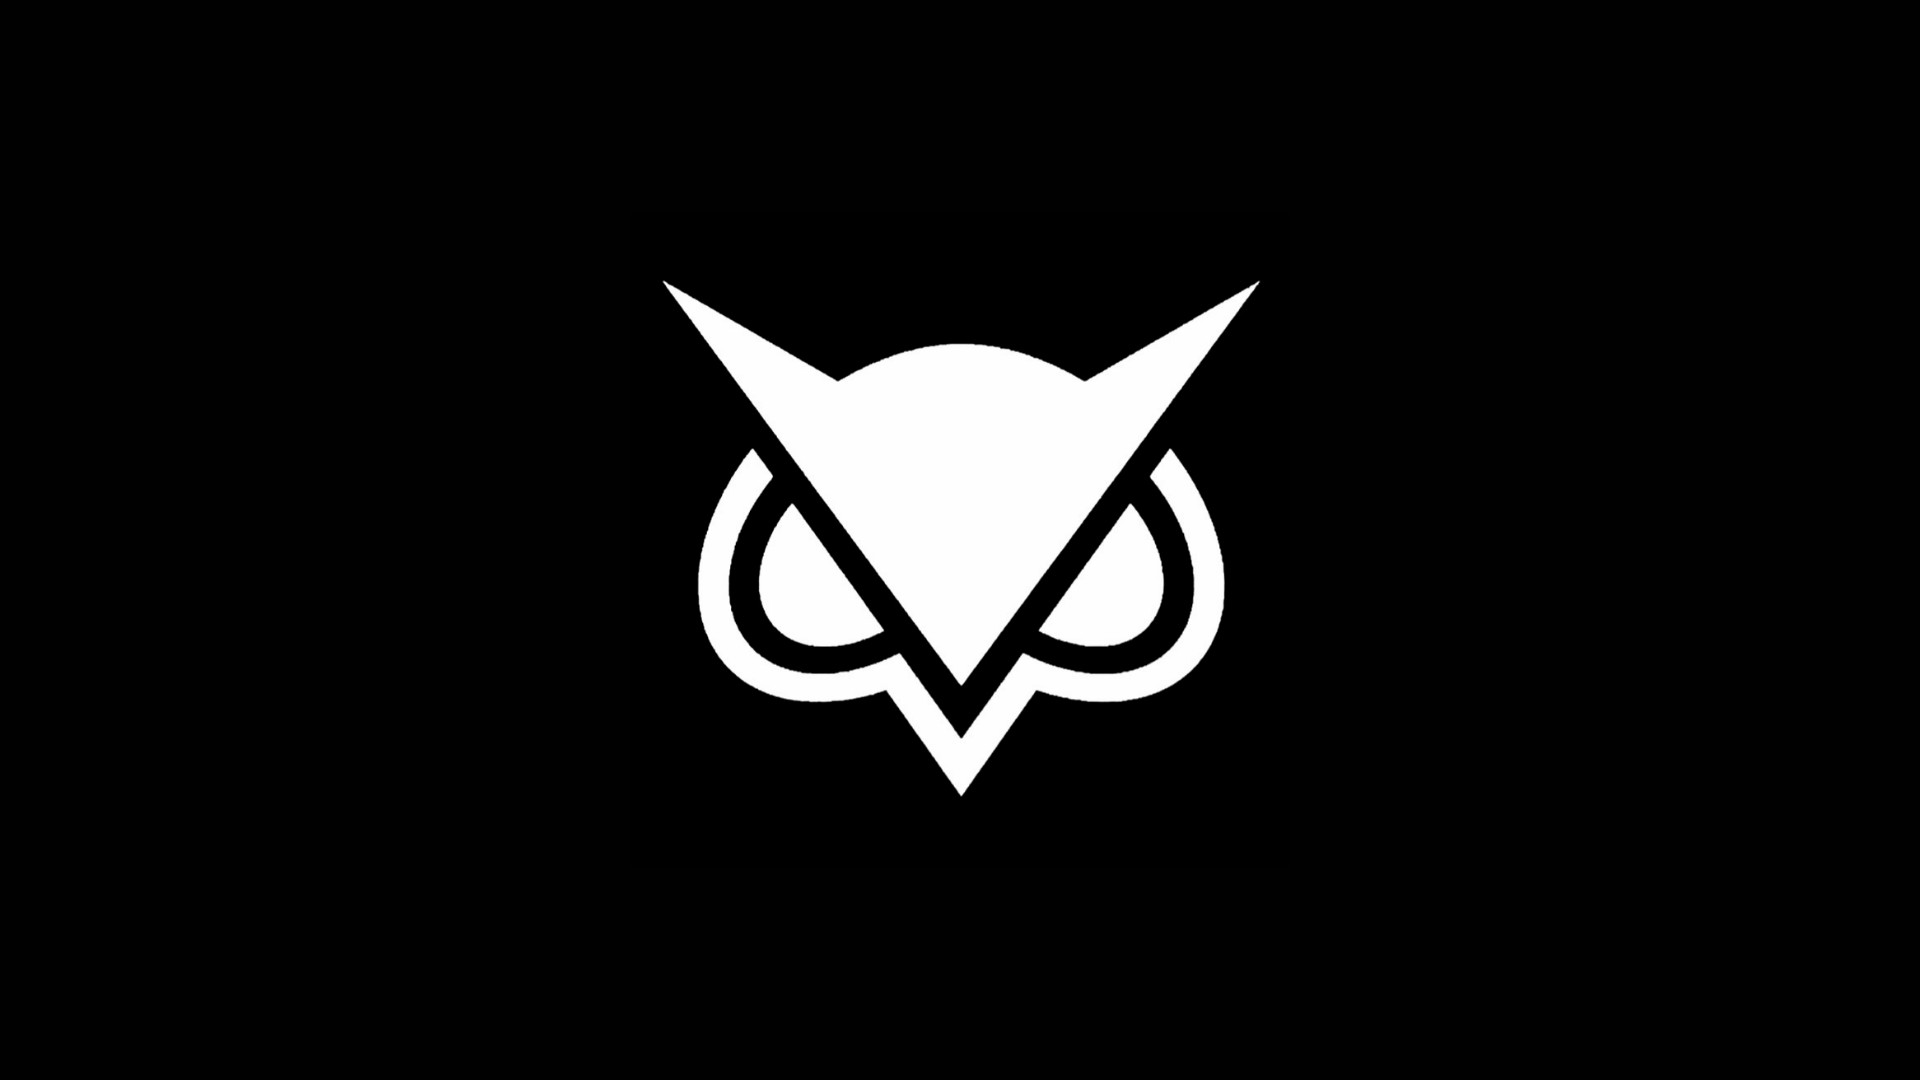 Vanoss Owl wallpaper HD by Donnesmarcus Vanoss Owl wallpaper HD by  Donnesmarcus